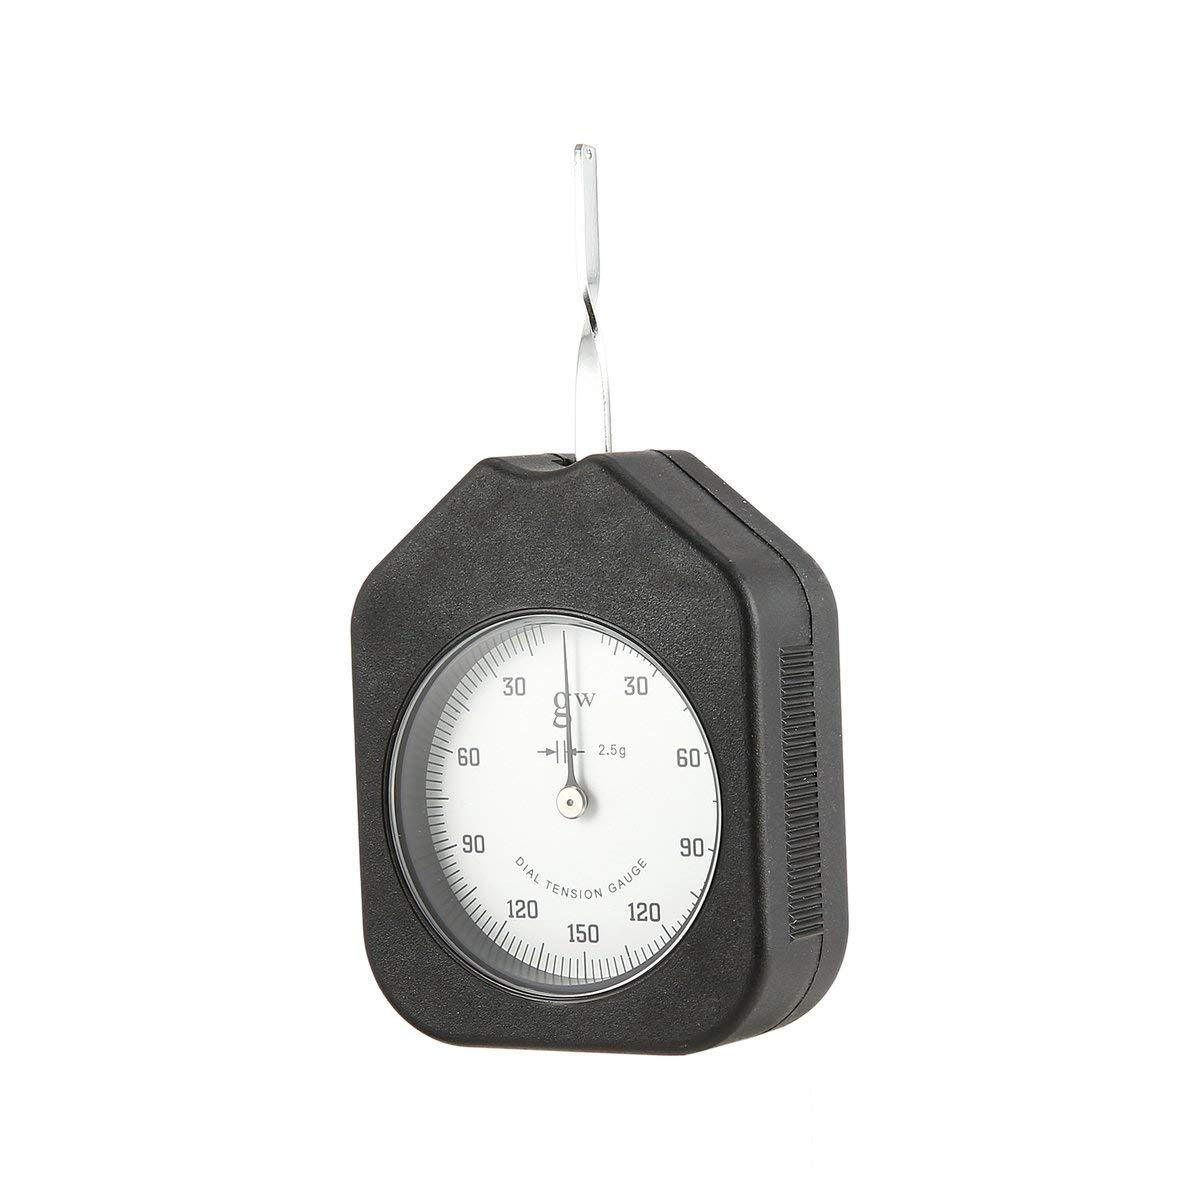 Heaviesk 150g Tensiómetro analógico Precio con un Solo Puntero Dial Medidor de tensión Medidor Probador Dinamómetro tabular Medidor de tensión Lateral: ...